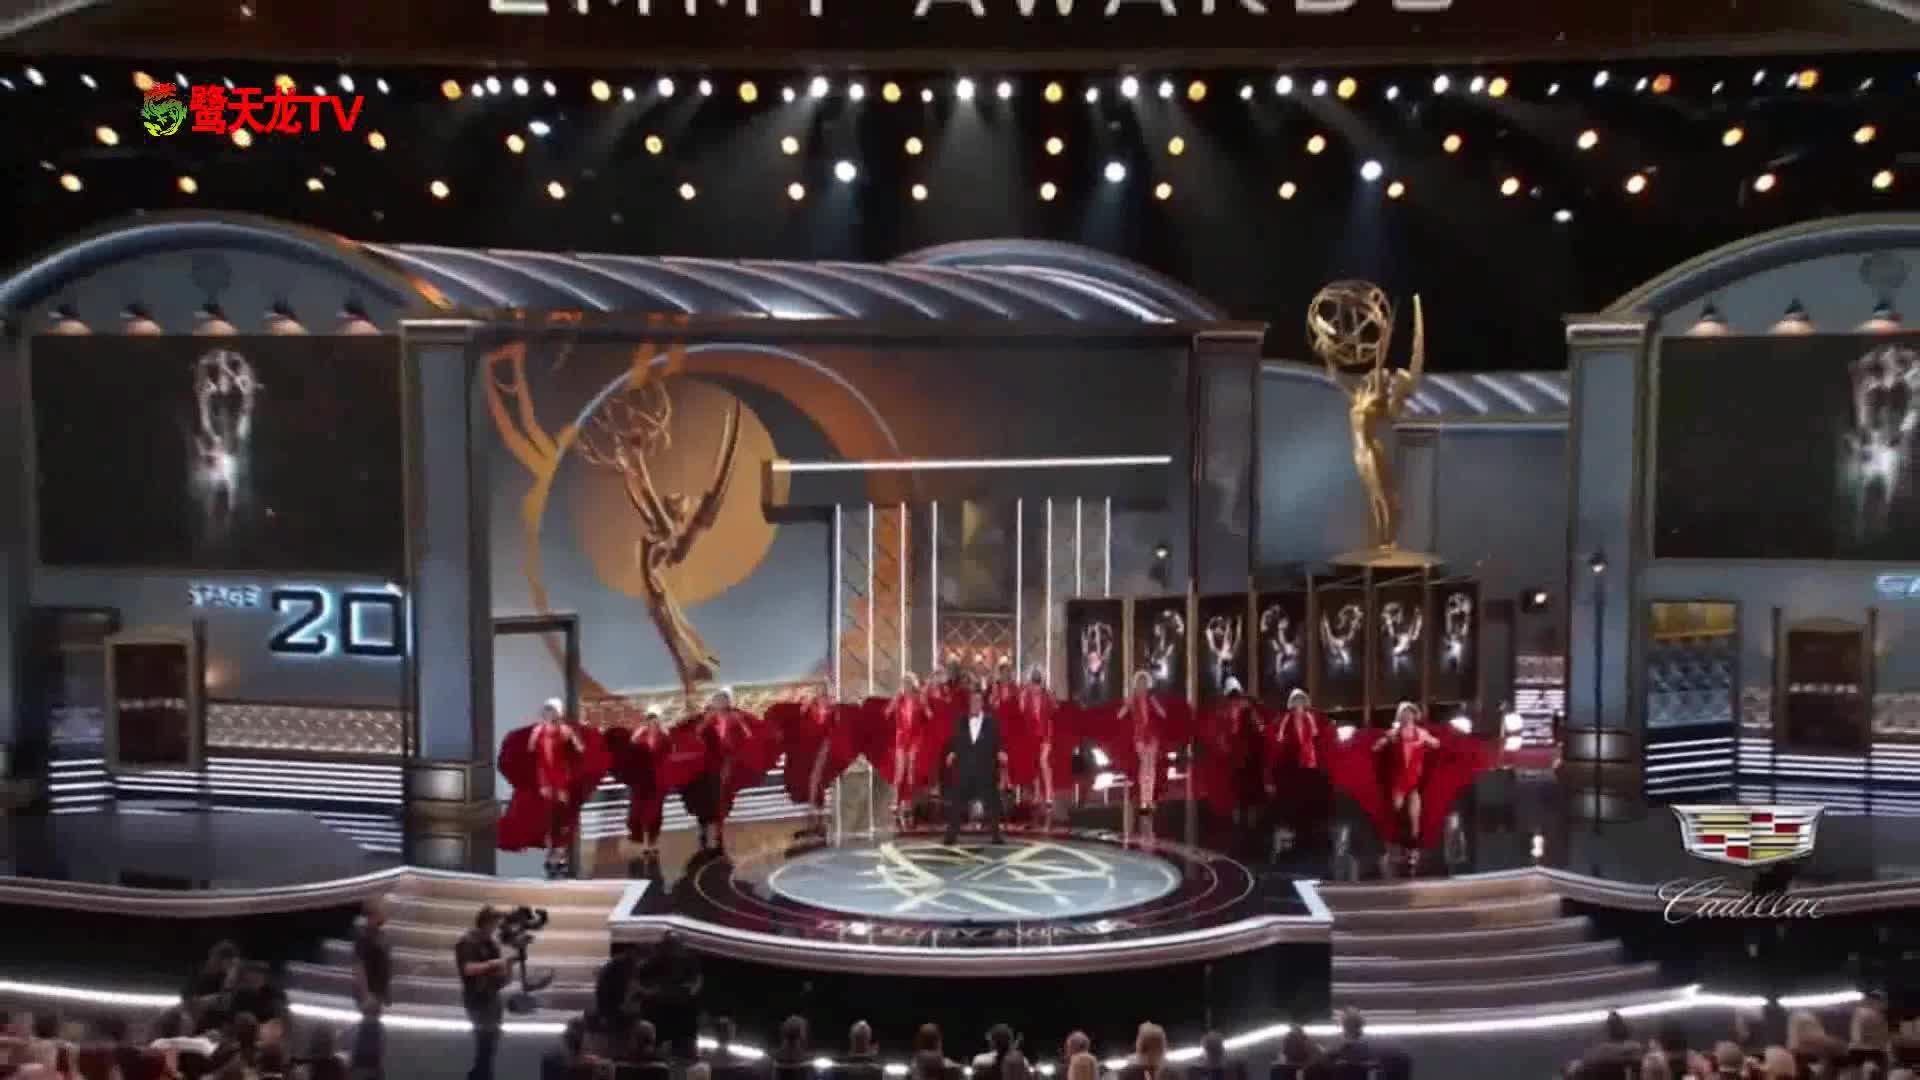 艾美奖颁奖典礼:知名脱口秀主持人史蒂芬·科拜尔开场秀